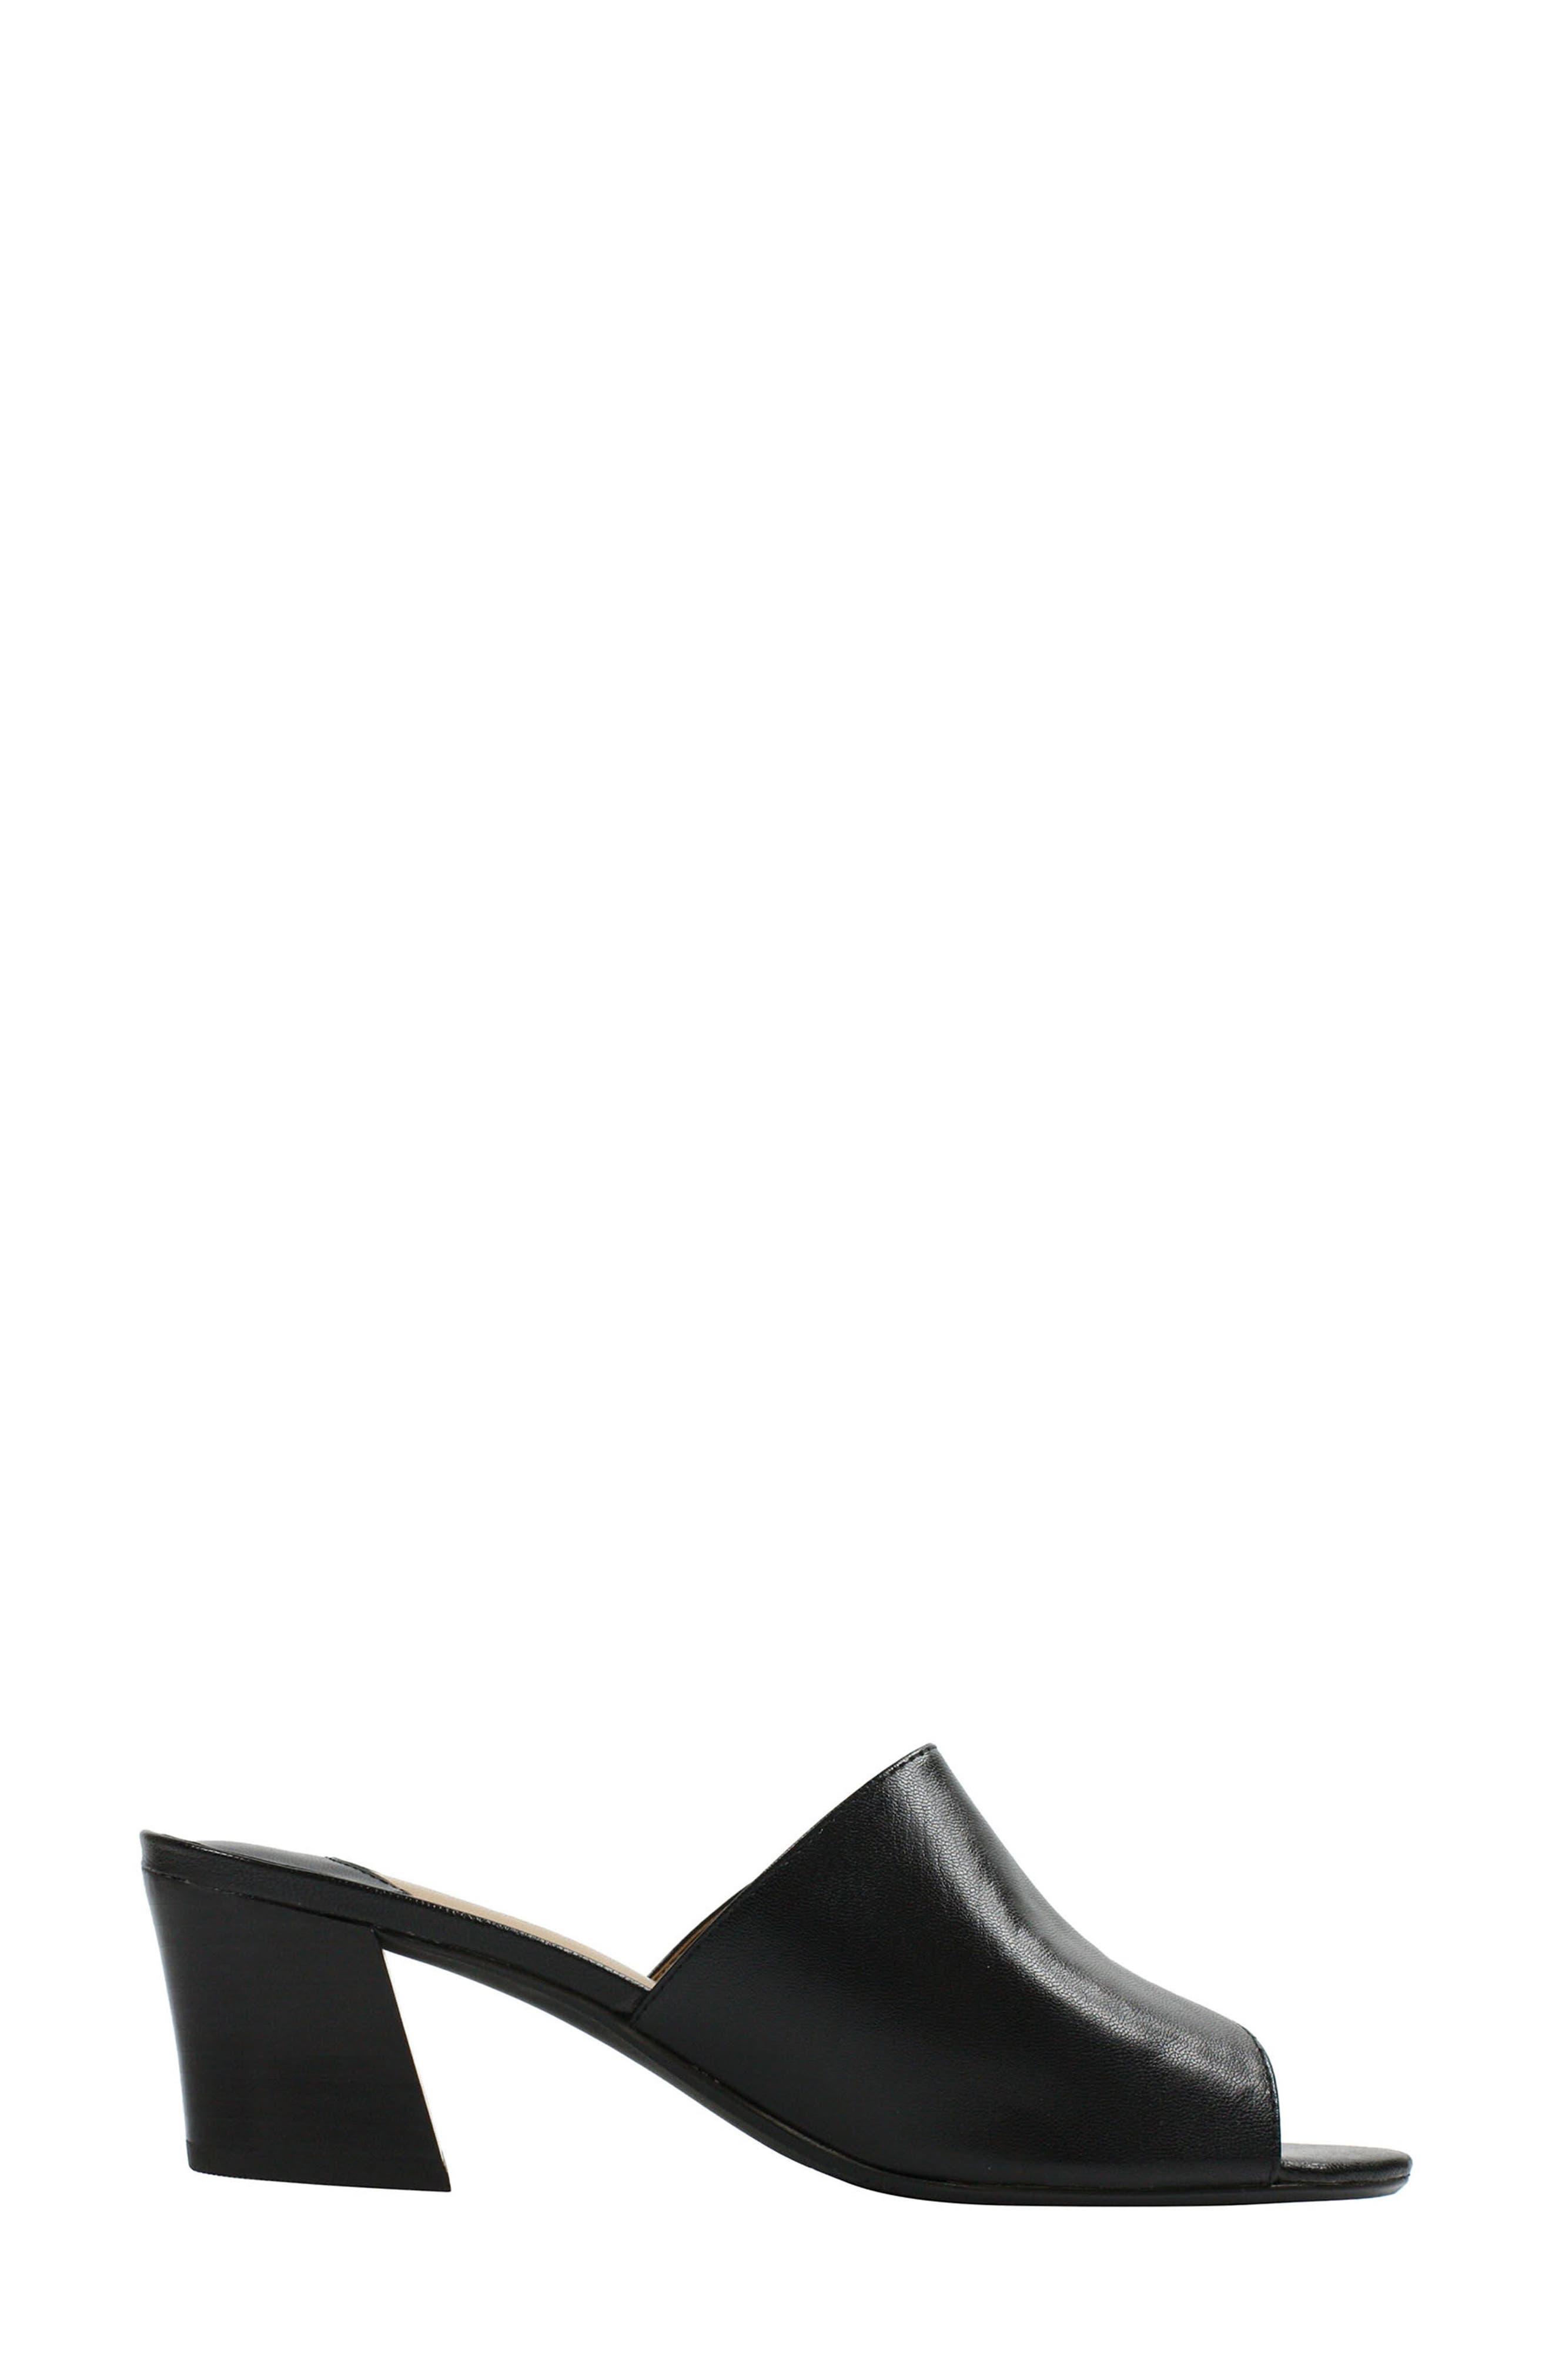 Maribe Monk Strap Slide Sandal,                             Alternate thumbnail 2, color,                             001